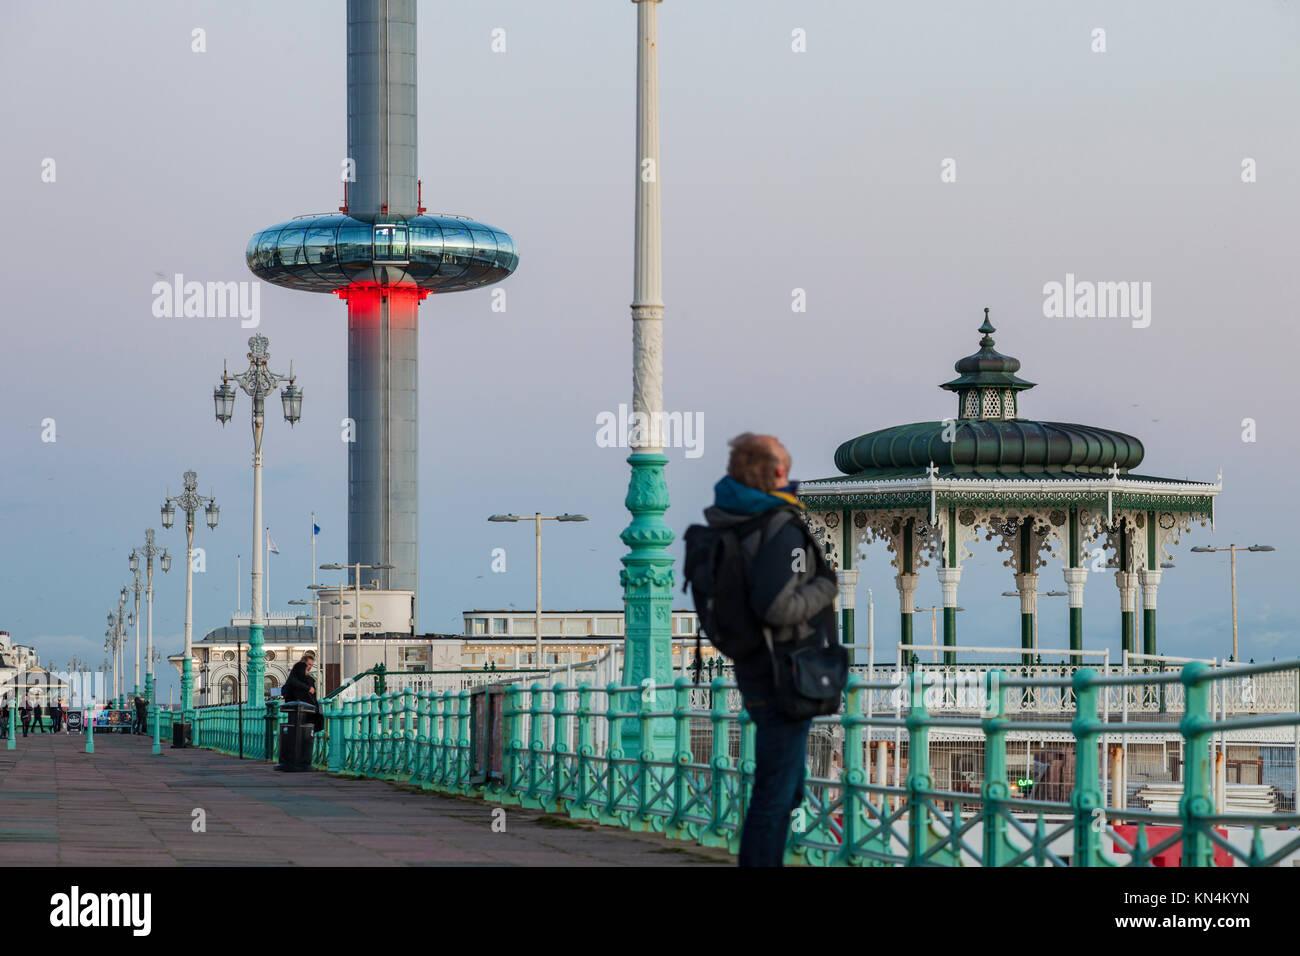 Serata sul lungomare di Brighton, Regno Unito. Victorian bandstand e i360 torre in distanza. Immagini Stock